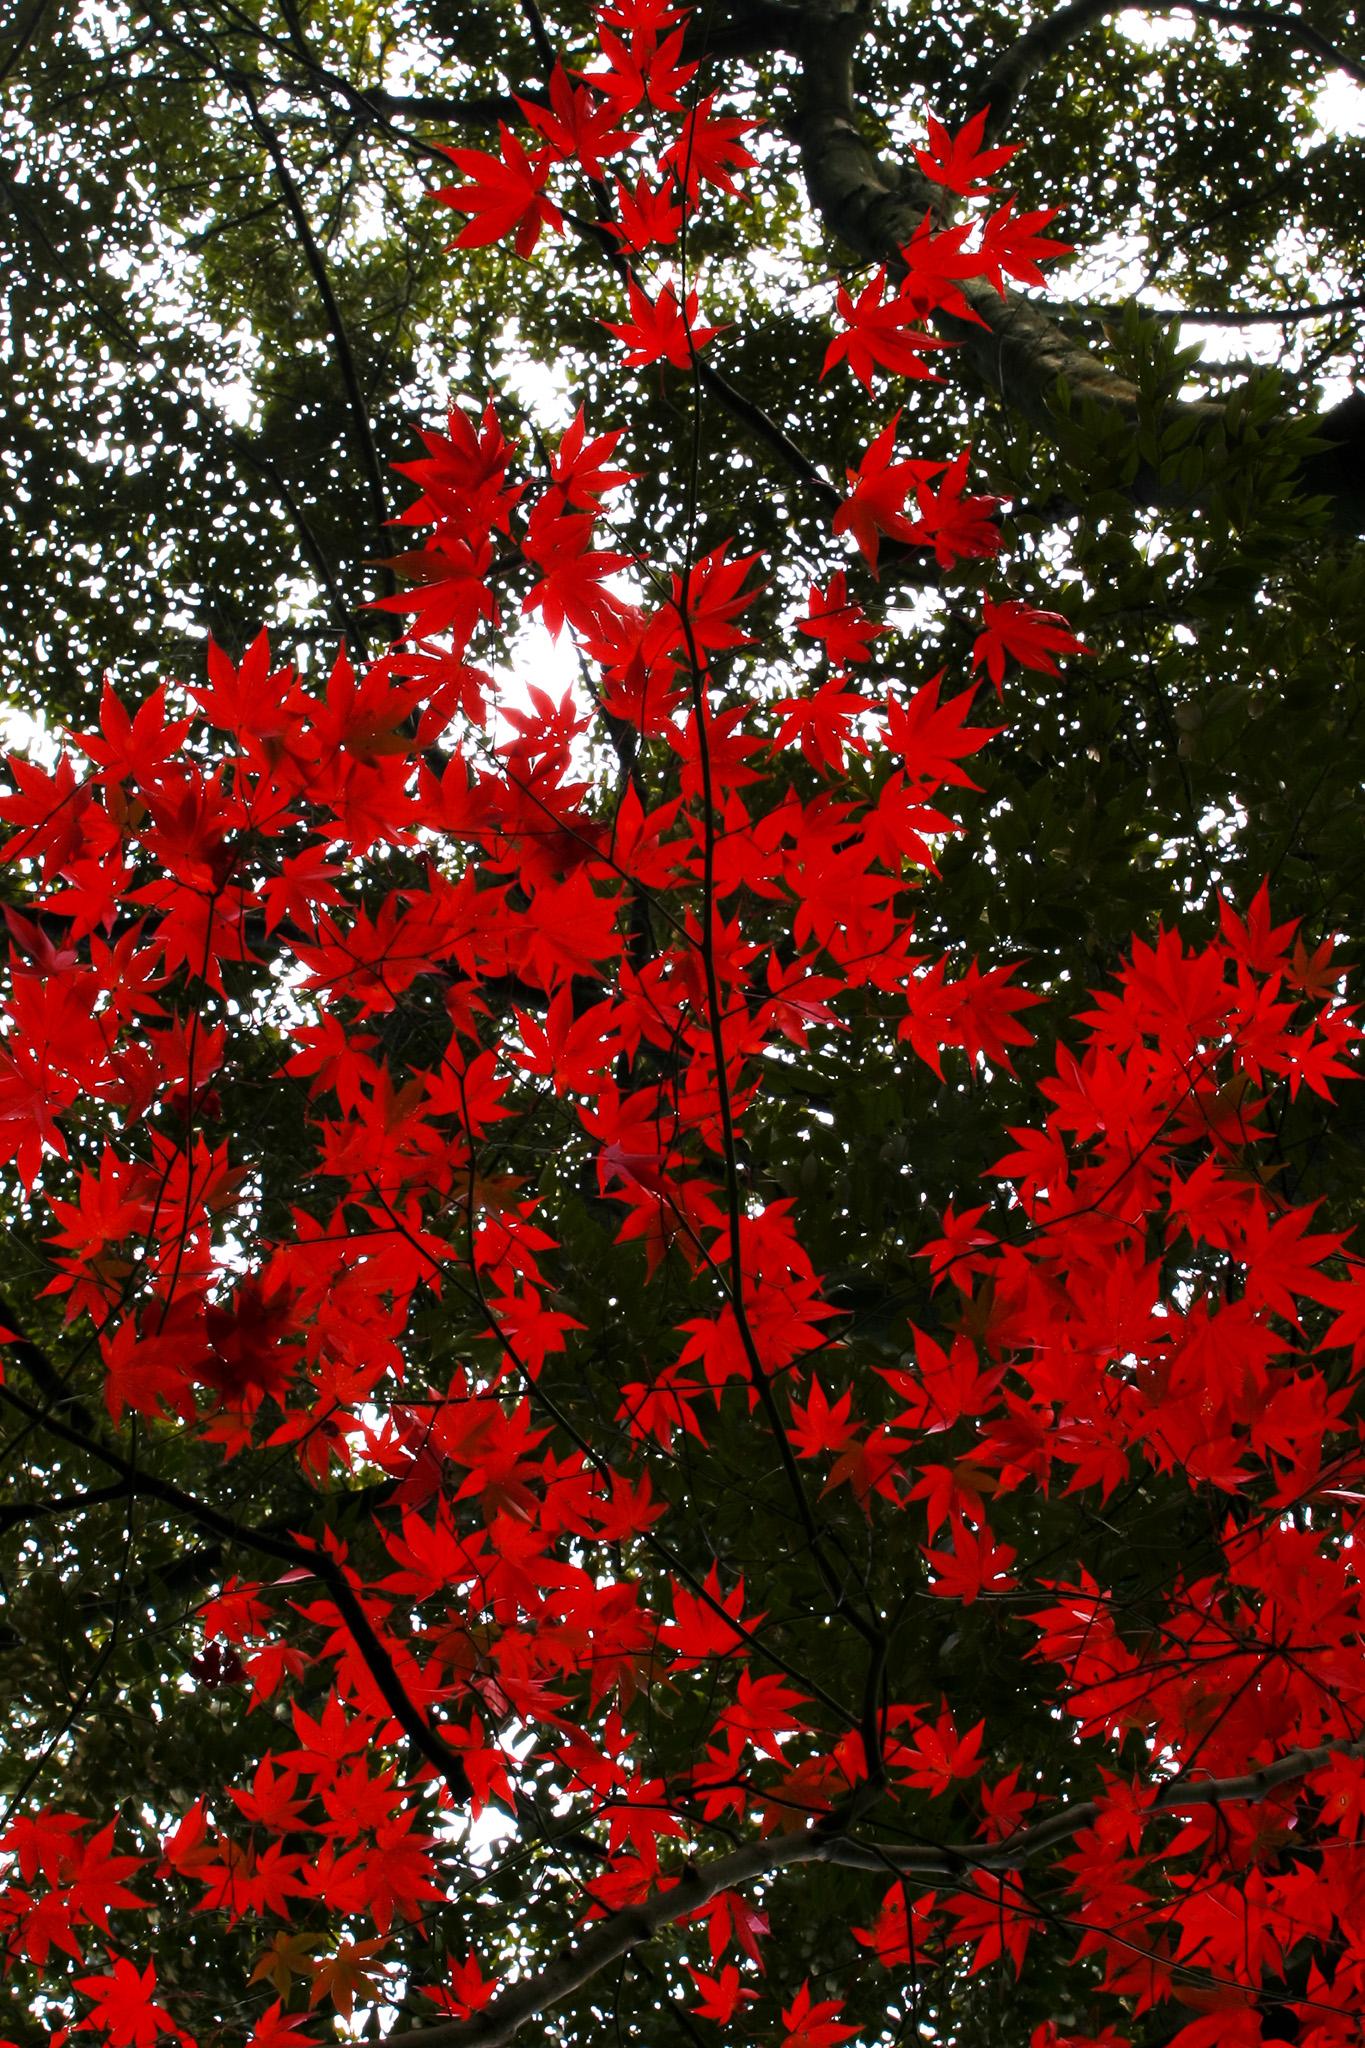 「濃緑に赤く鮮やかな葉」